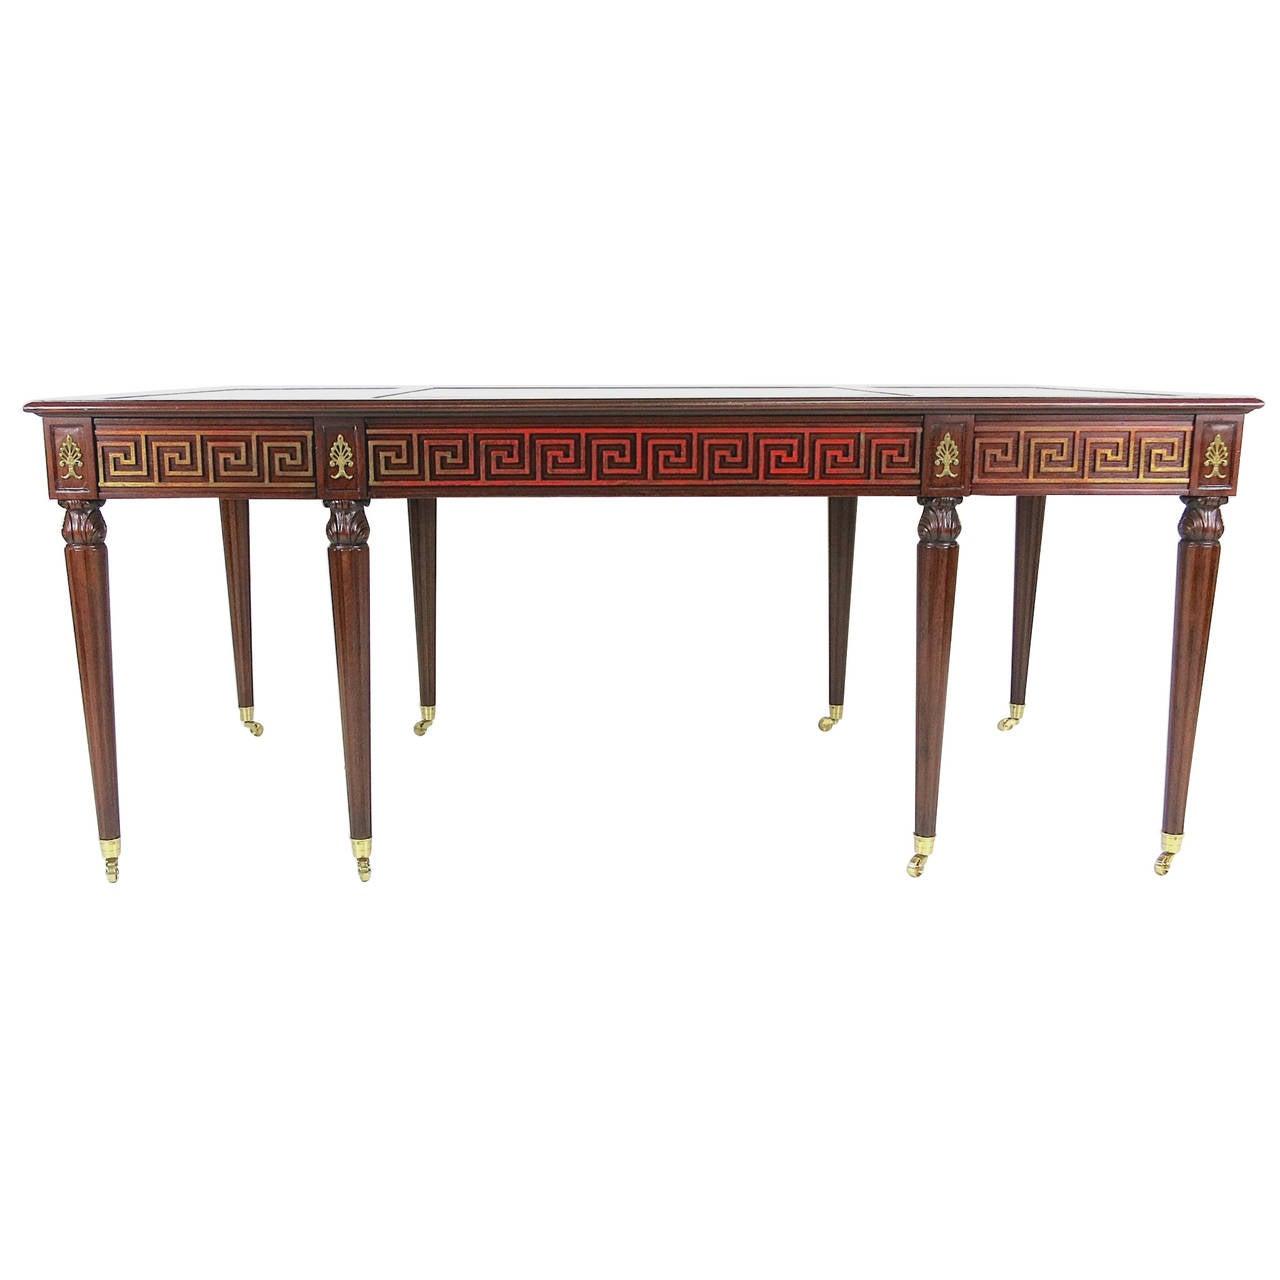 Regency Style Partners Desk by Mario Buatta